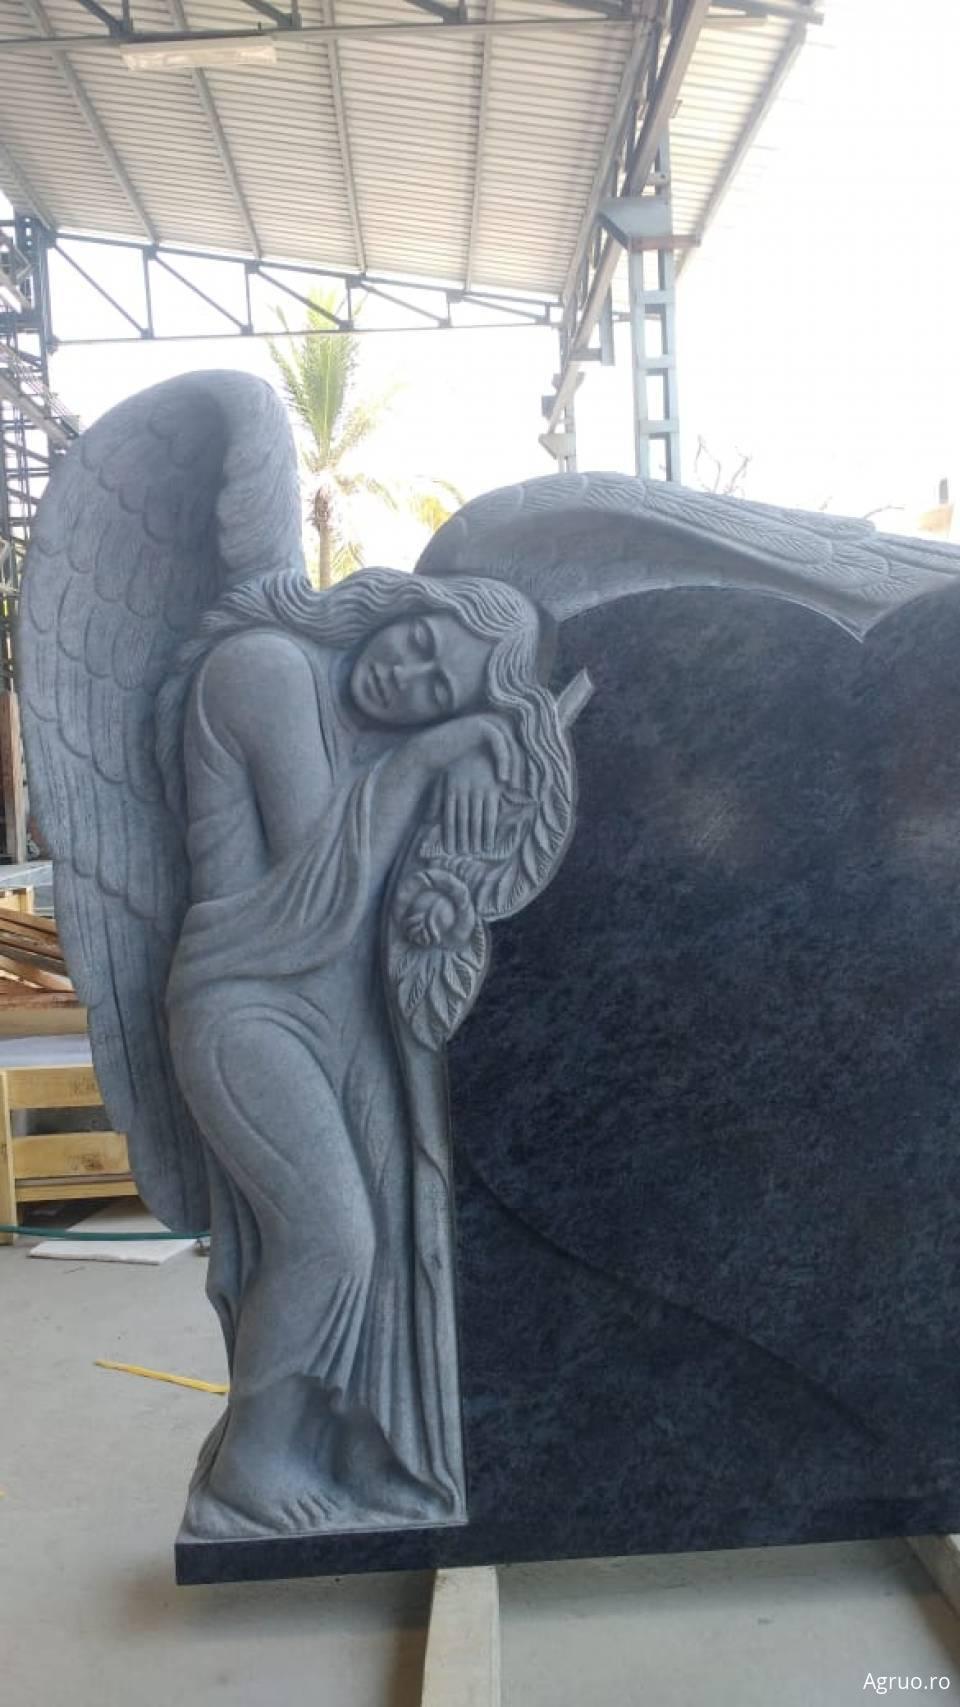 Monumente funerare6177